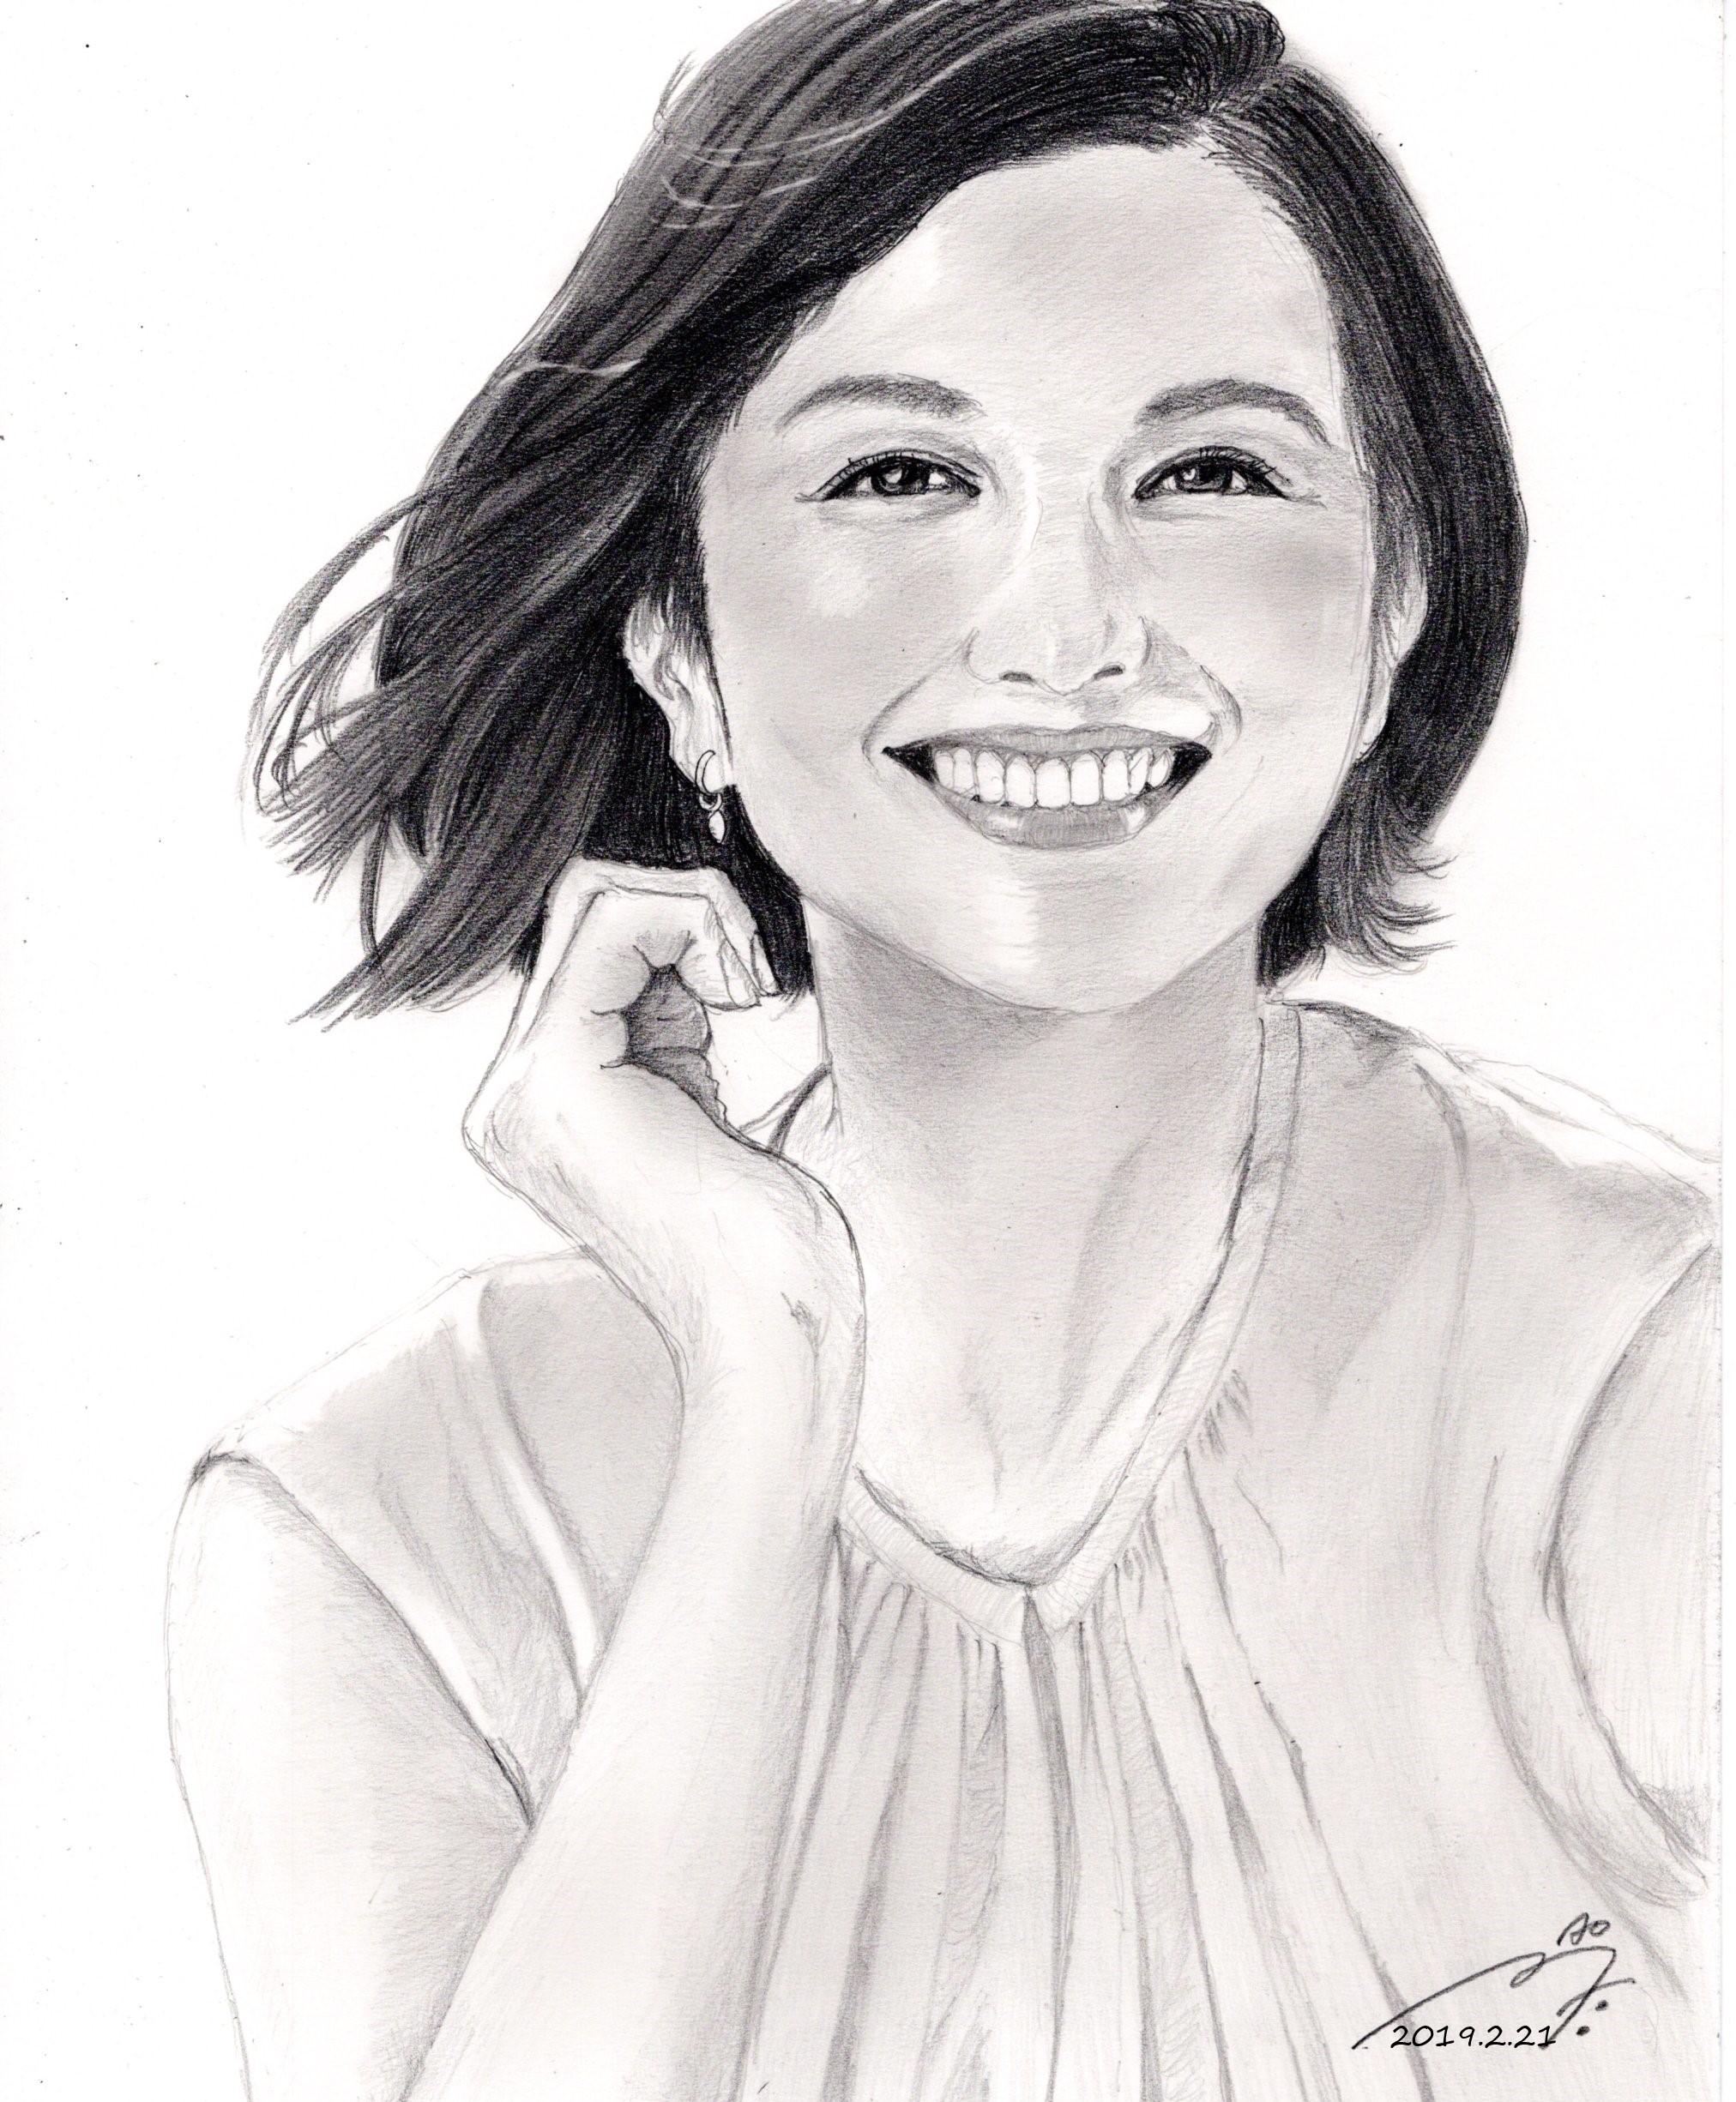 鈴木京香 鉛筆画似顔絵